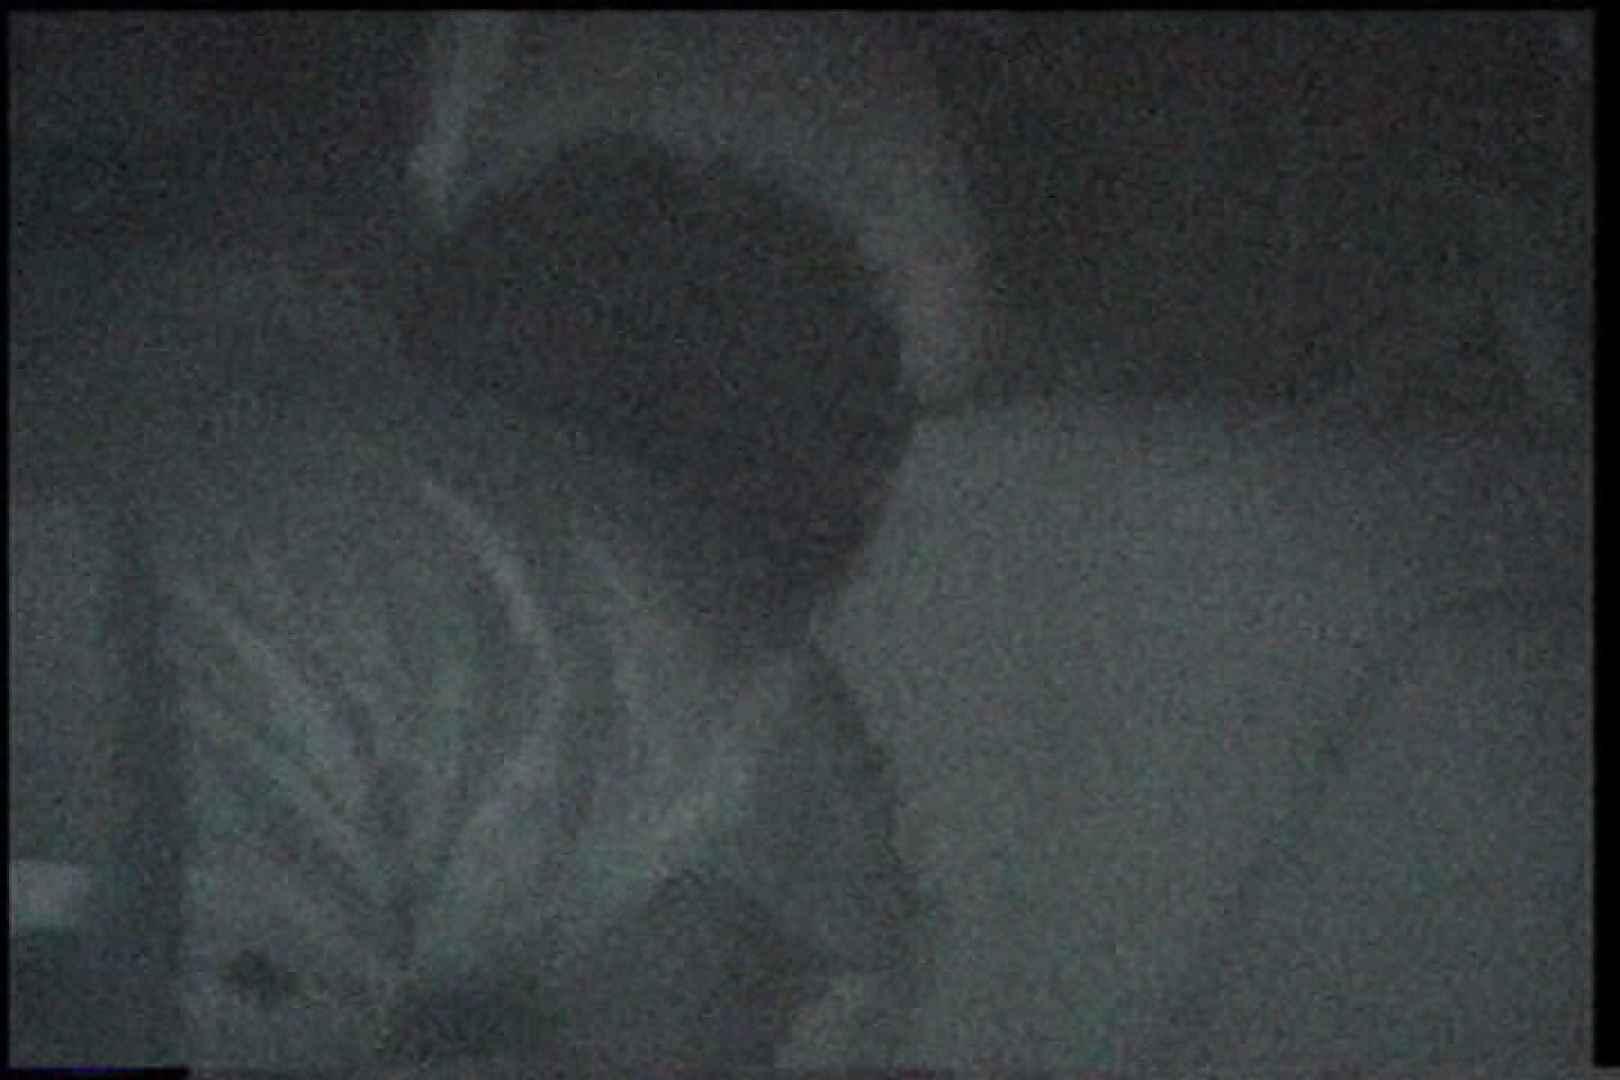 充血監督の深夜の運動会Vol.194 カップル オマンコ動画キャプチャ 103pic 32